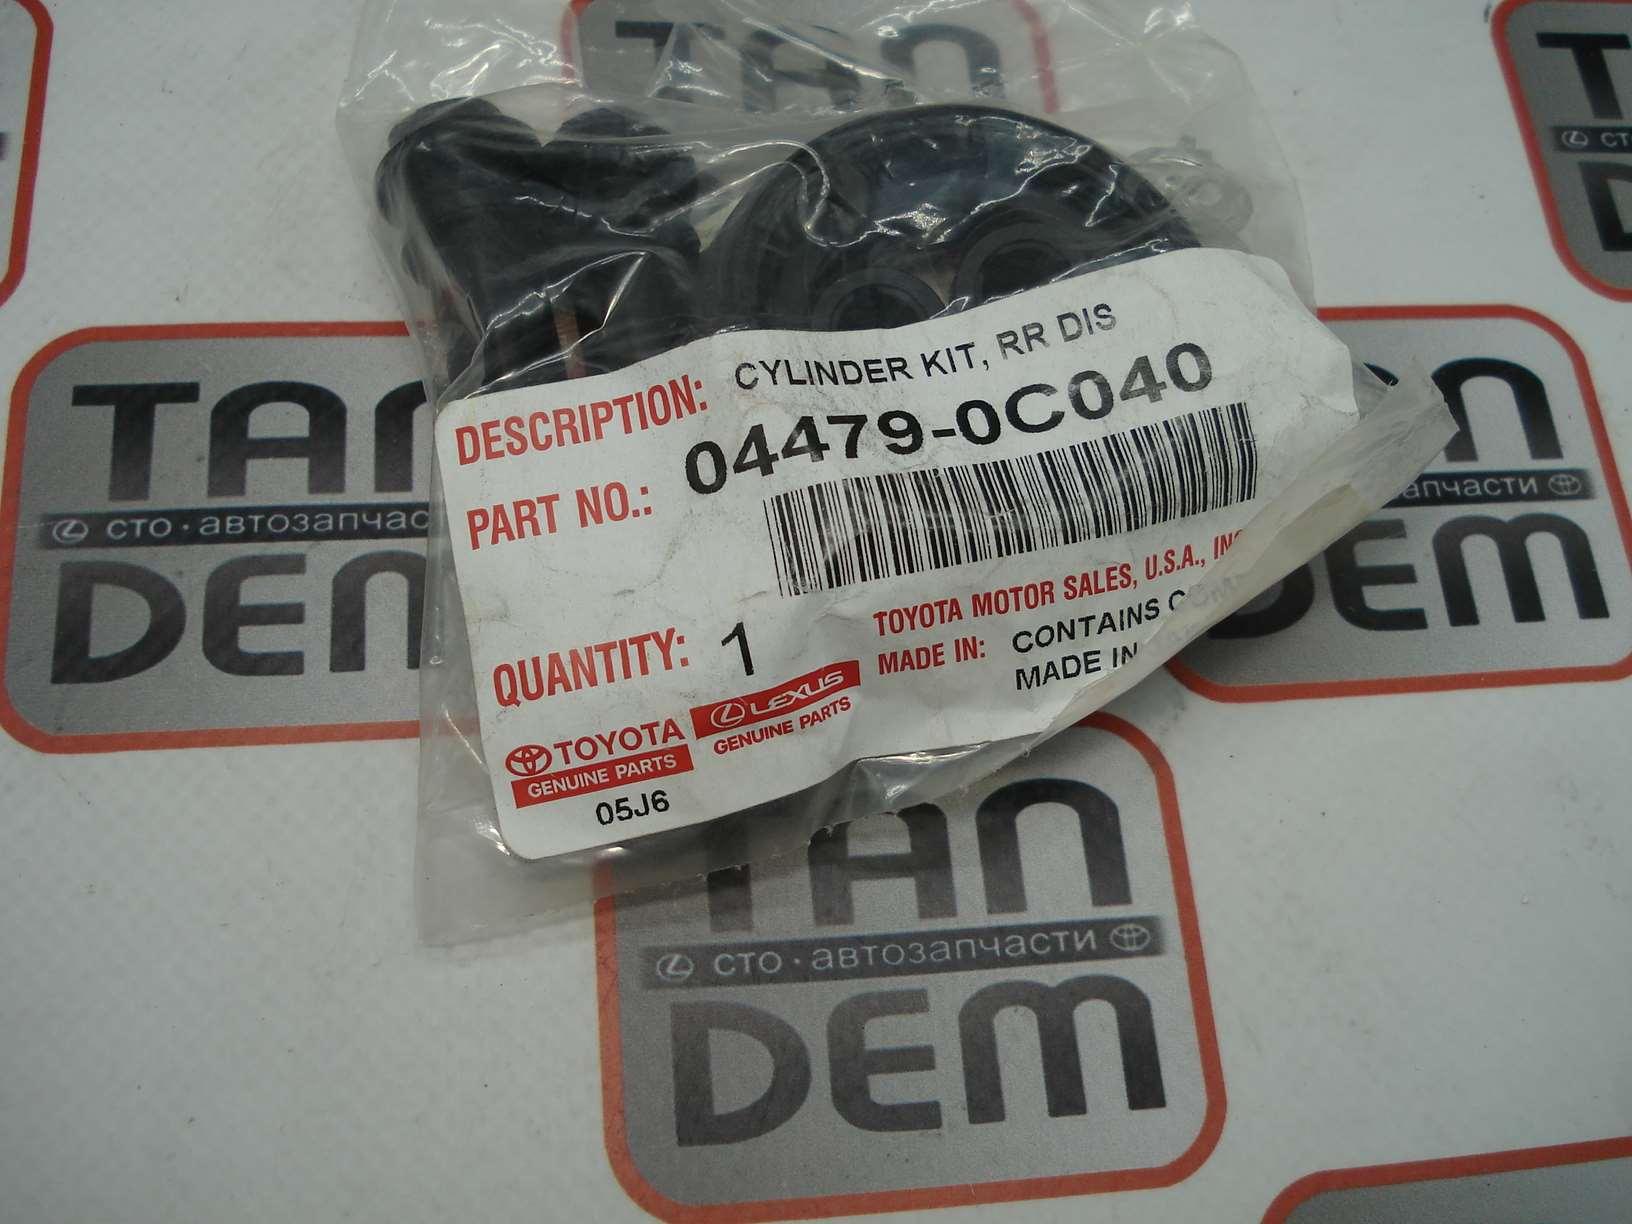 Ремкомплект заднего суппорта Sequoia 04479-0C040,